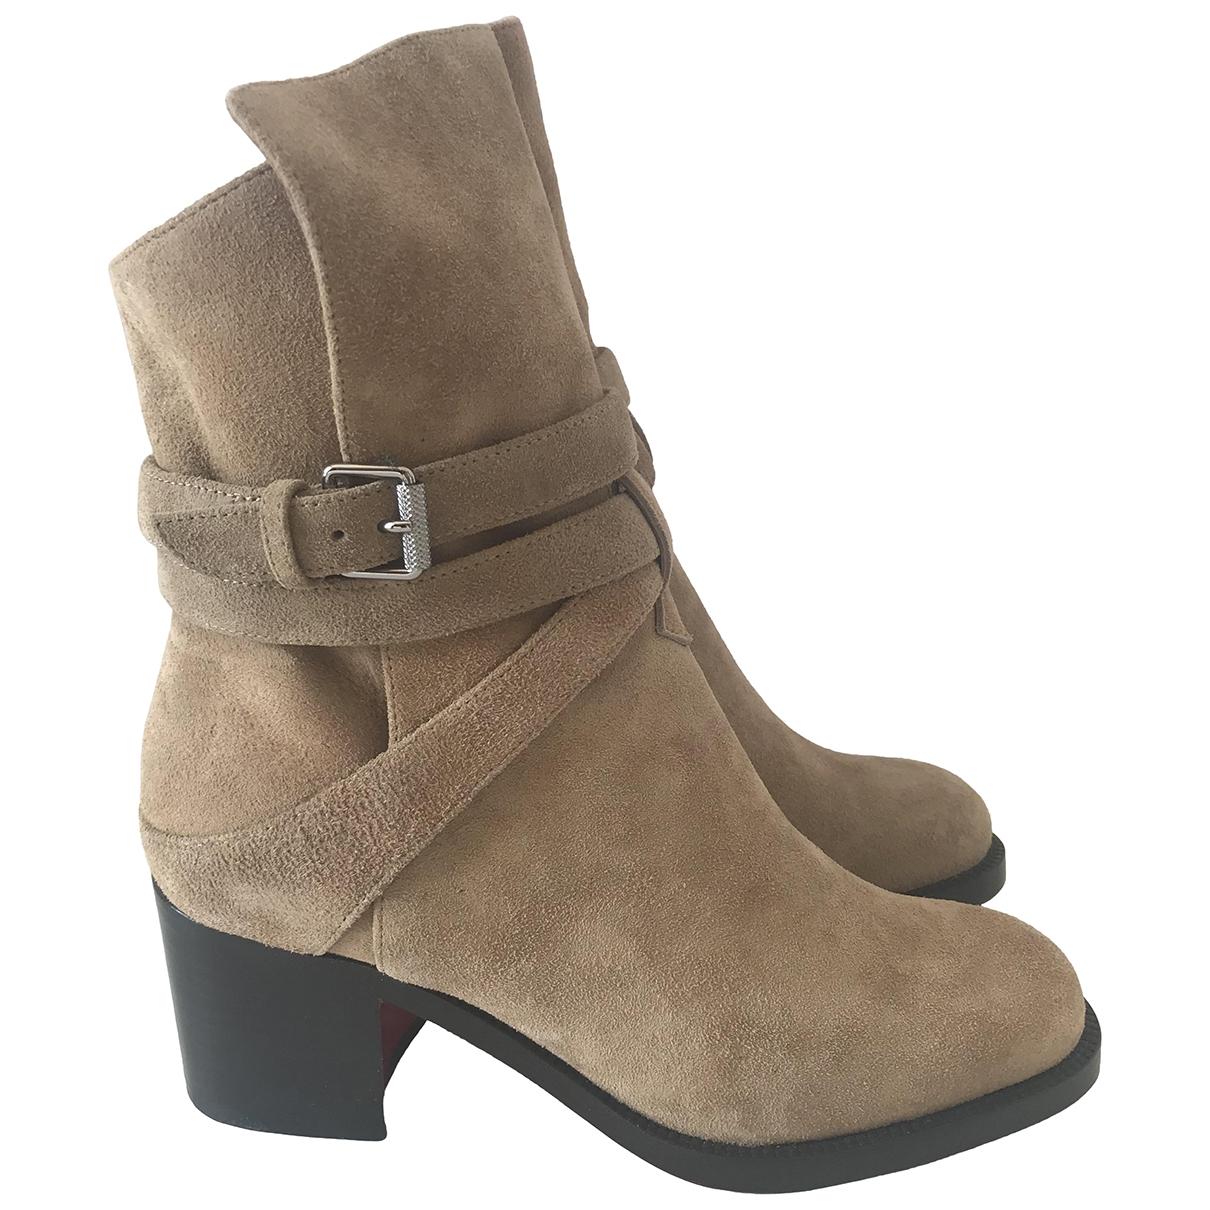 Christian Louboutin - Boots   pour femme en suede - camel